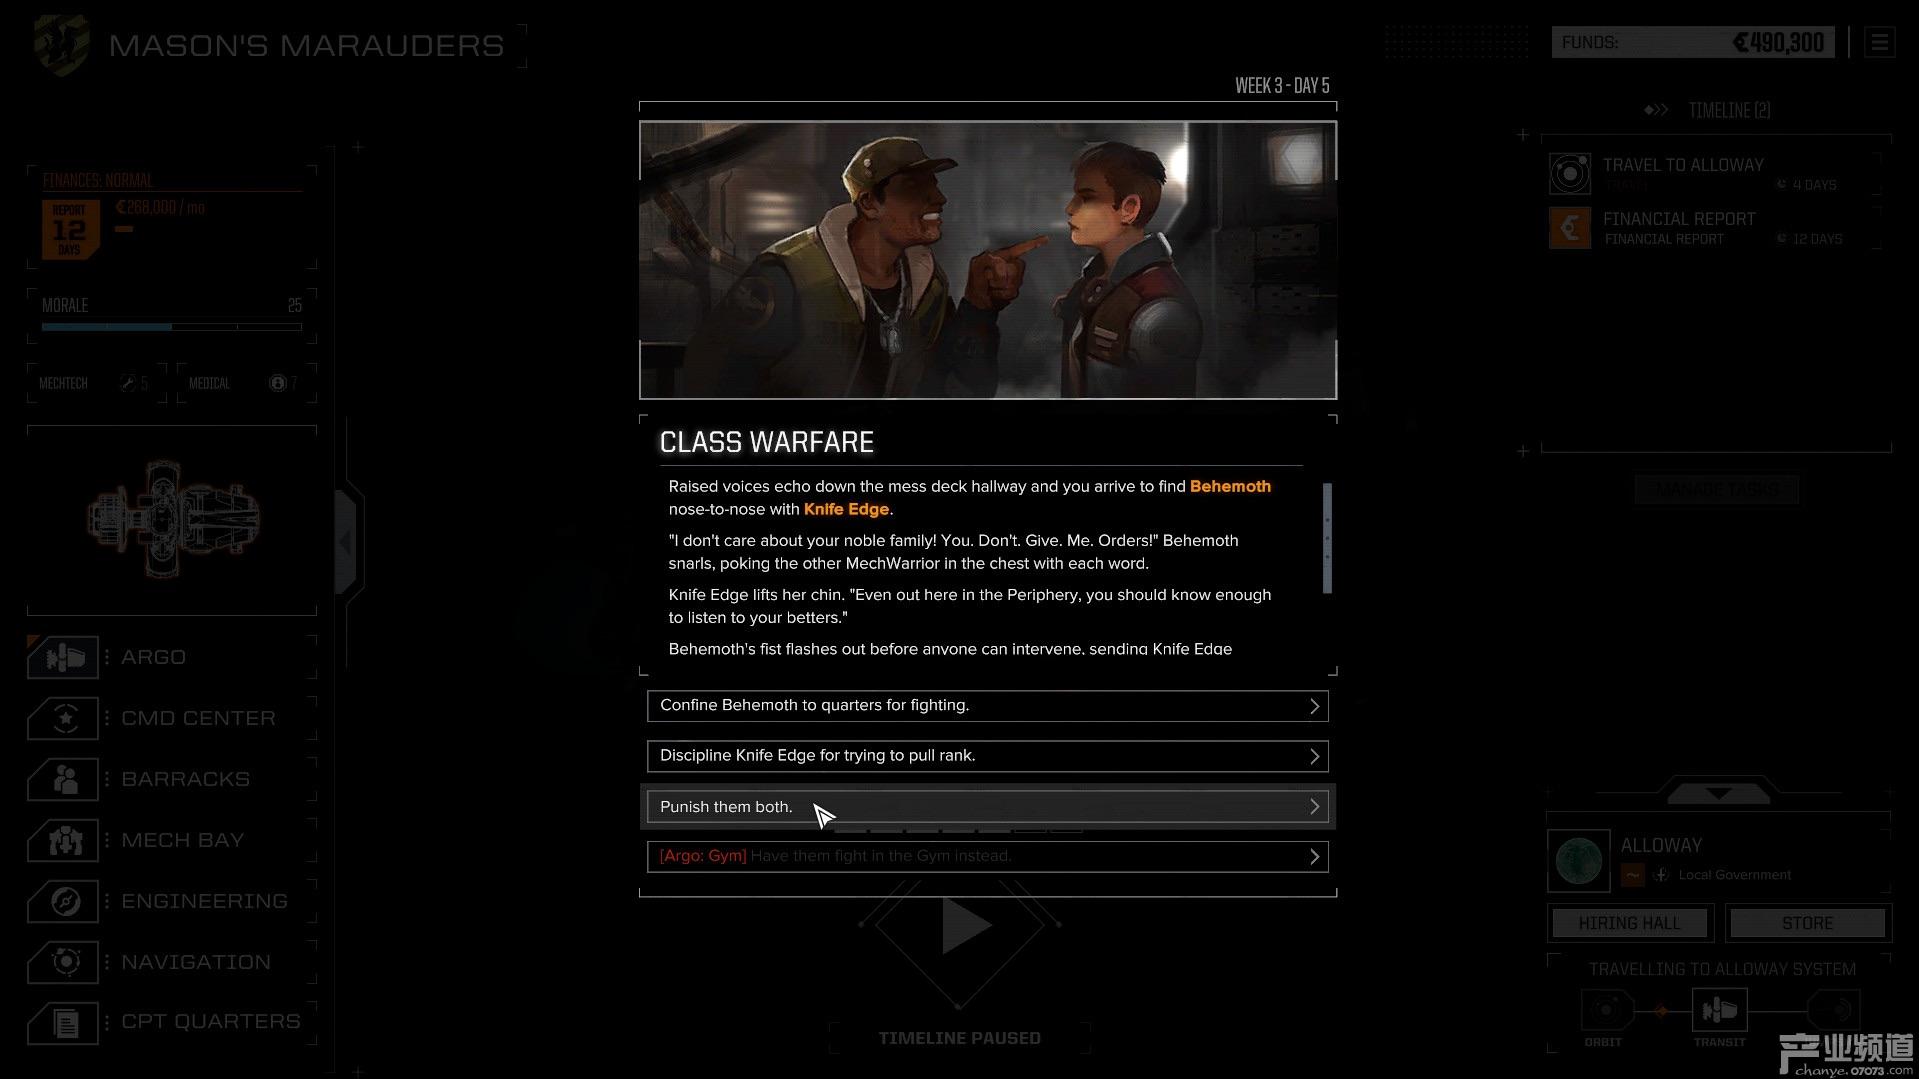 《战斗机甲》主策:如何做RPG游戏的随机任务并平衡难度